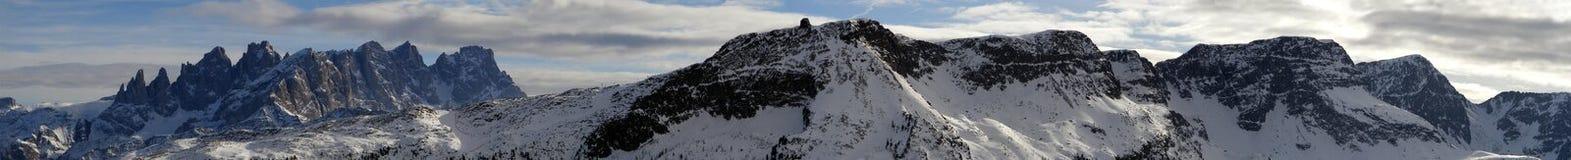 Panorama van de bergen van het Dolomiet in Italië Royalty-vrije Stock Afbeelding